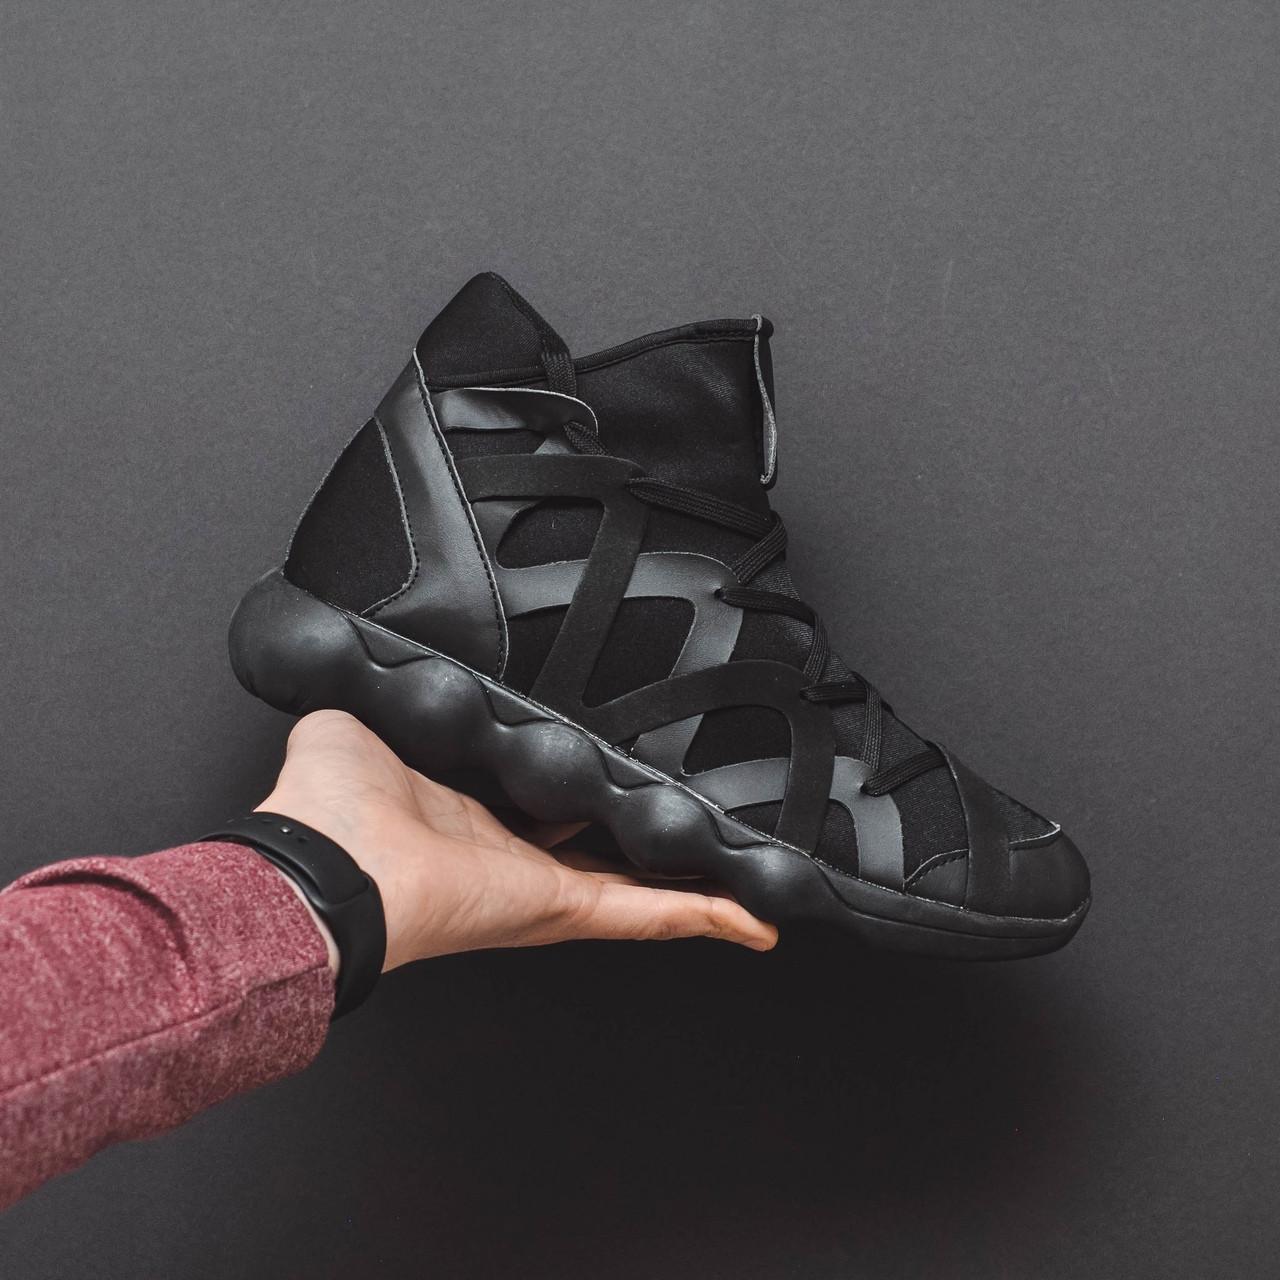 Чоловічі літні чорні кросівки на шнурках. Літні чоловічі текстильні кроси